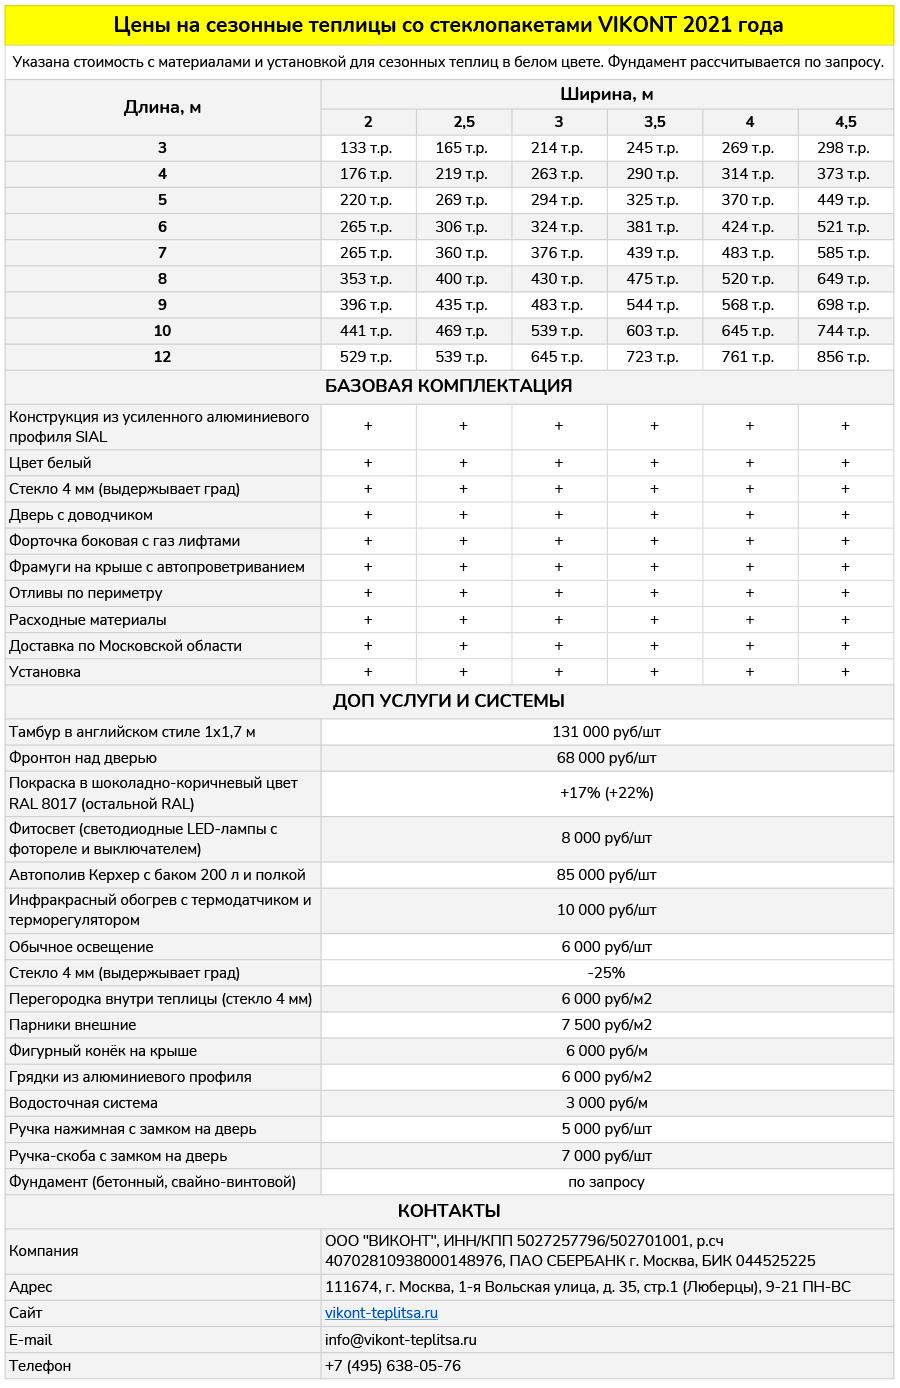 Цены на алюминиевые теплицы